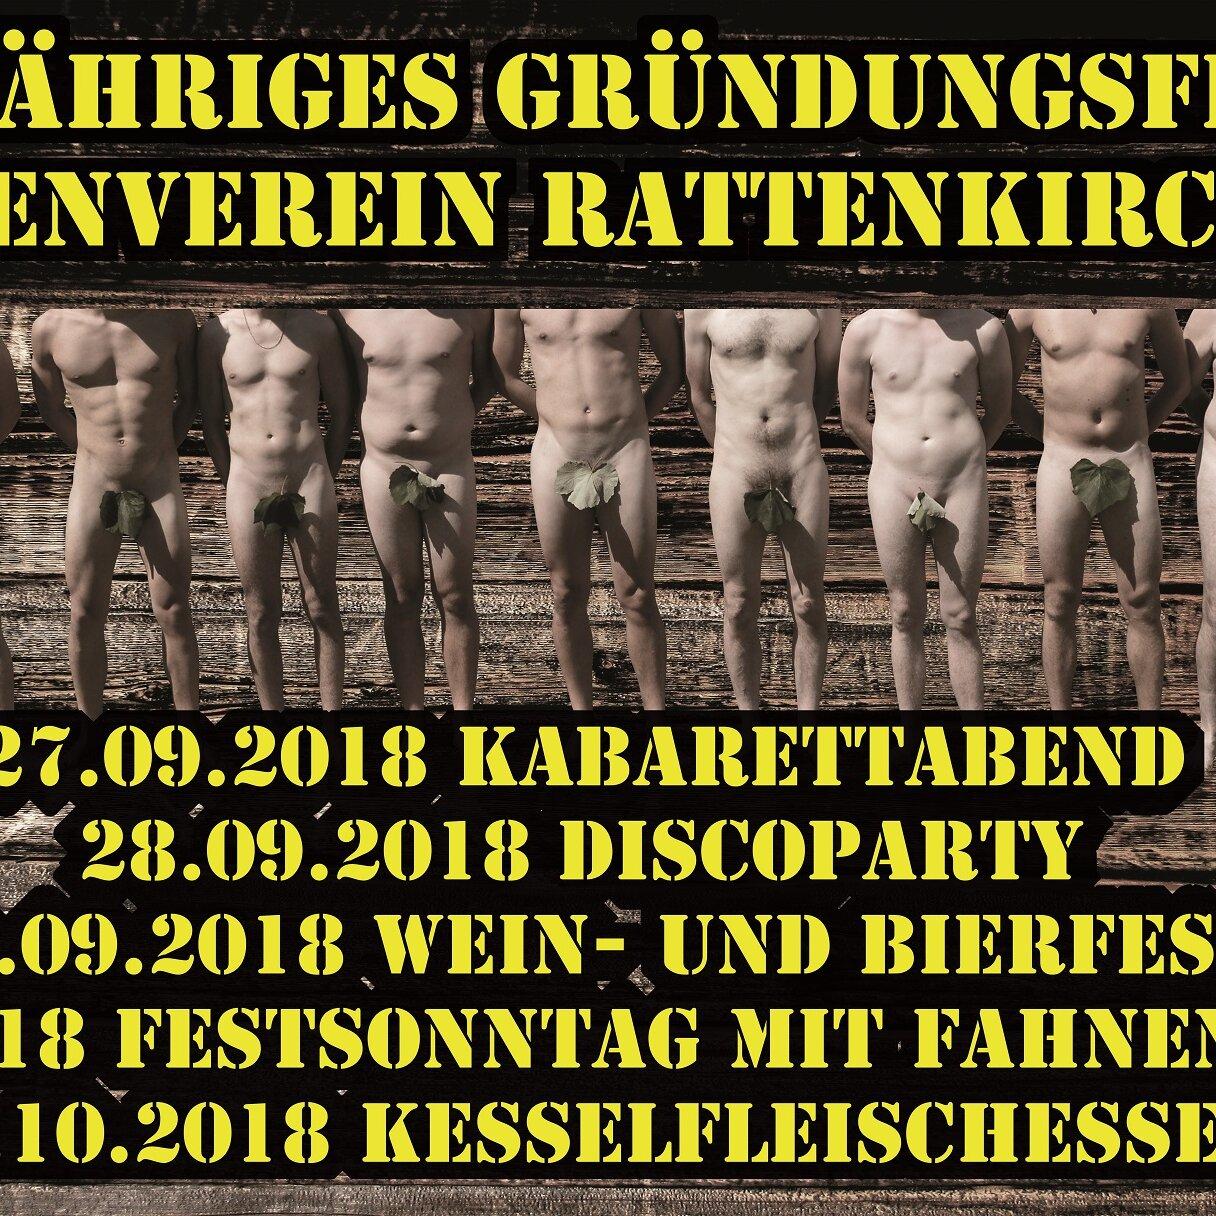 Fünfjähriges Gründungsfest Burchenverein Rattenkirchen e.V